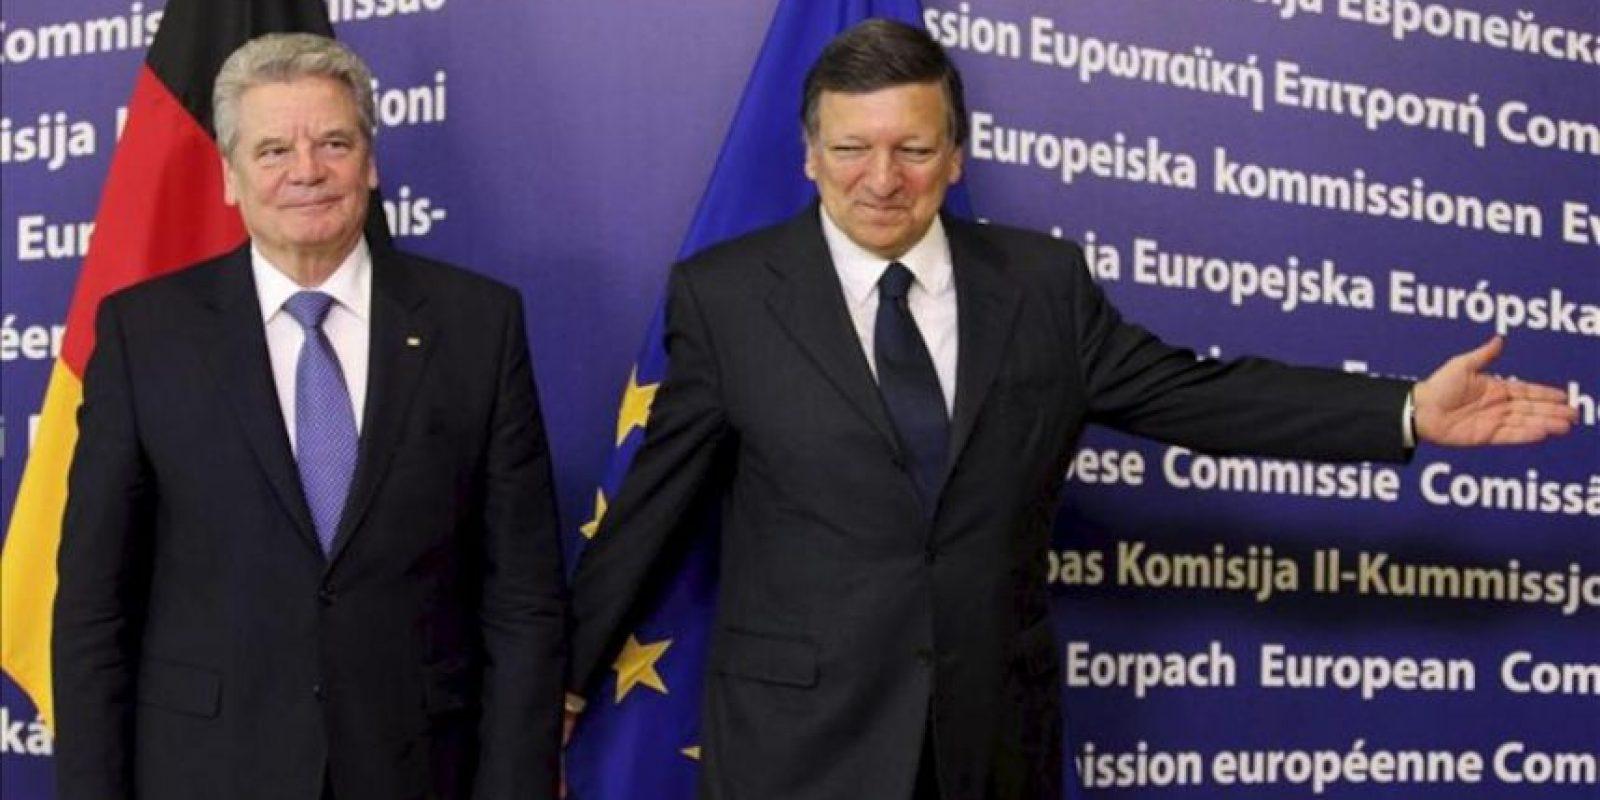 El presidente de la Comisión Europea, José Manuel Durao Barroso (d), da la bienvenida al presidente alemán, Joachim Gauck, hoy antes de su reunión en Bruselas, Bélgica. EFE